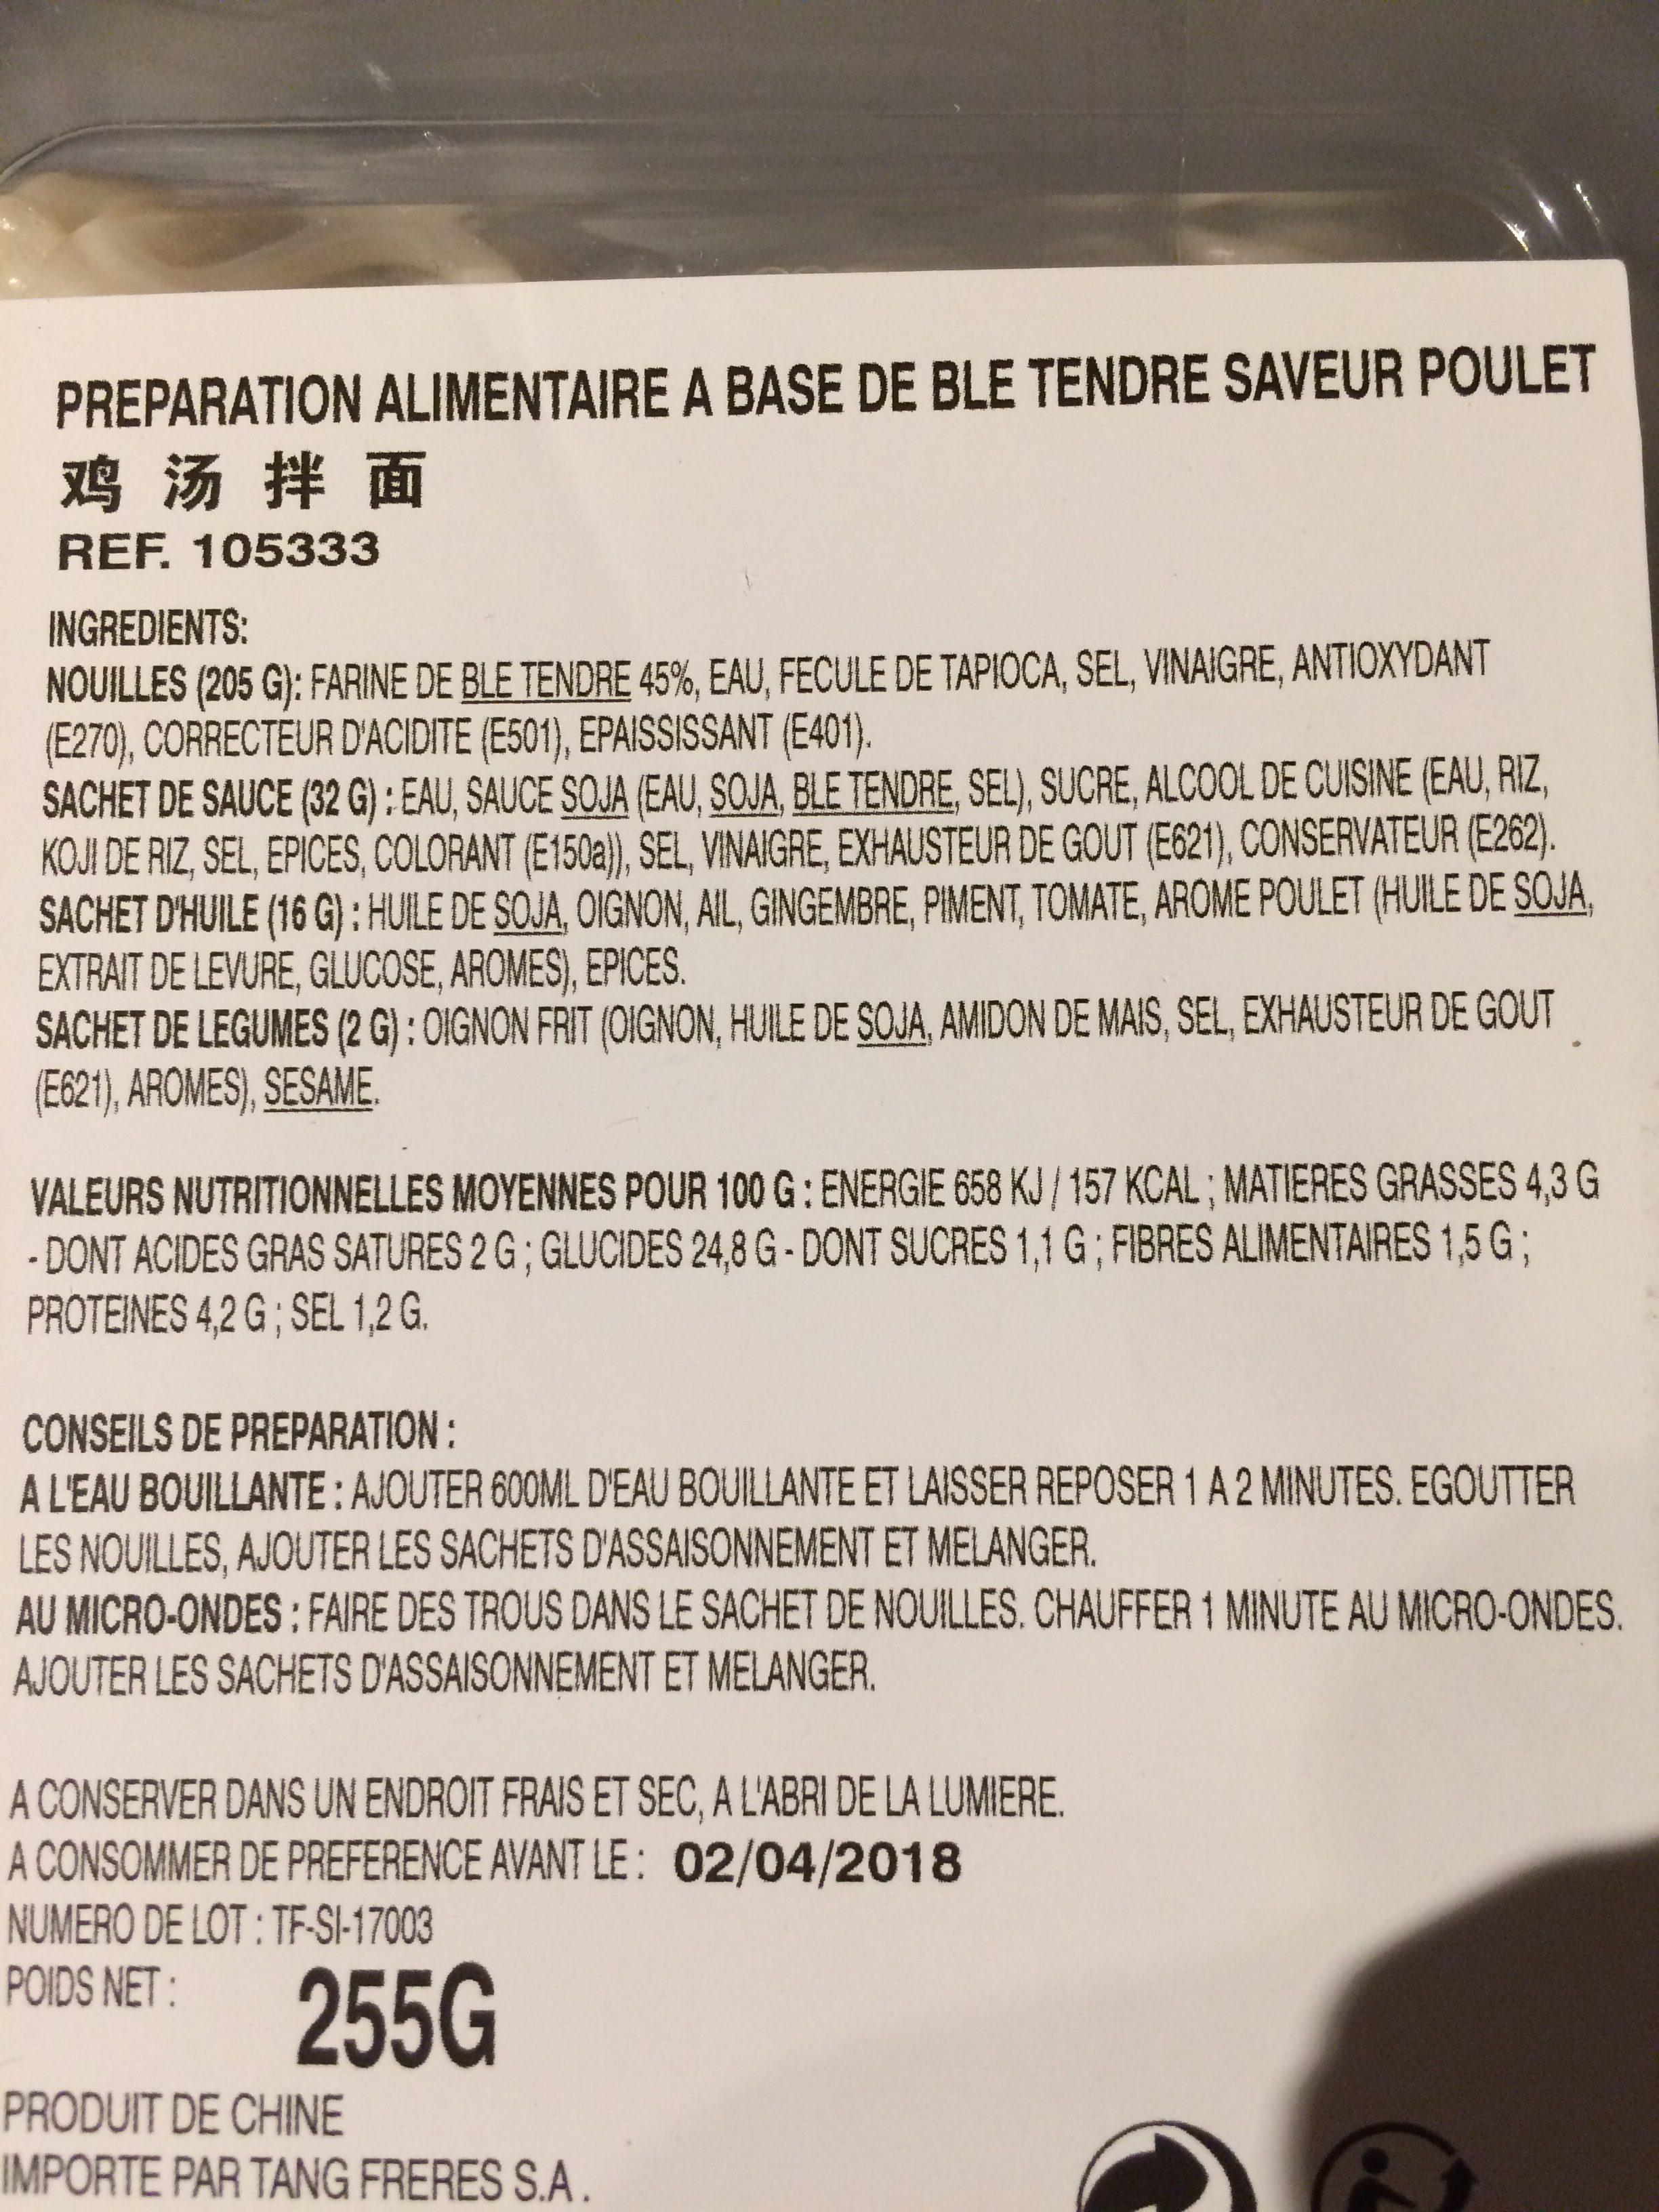 Preparation a base de ble tendre saveur poulet - Ingrediënten - fr